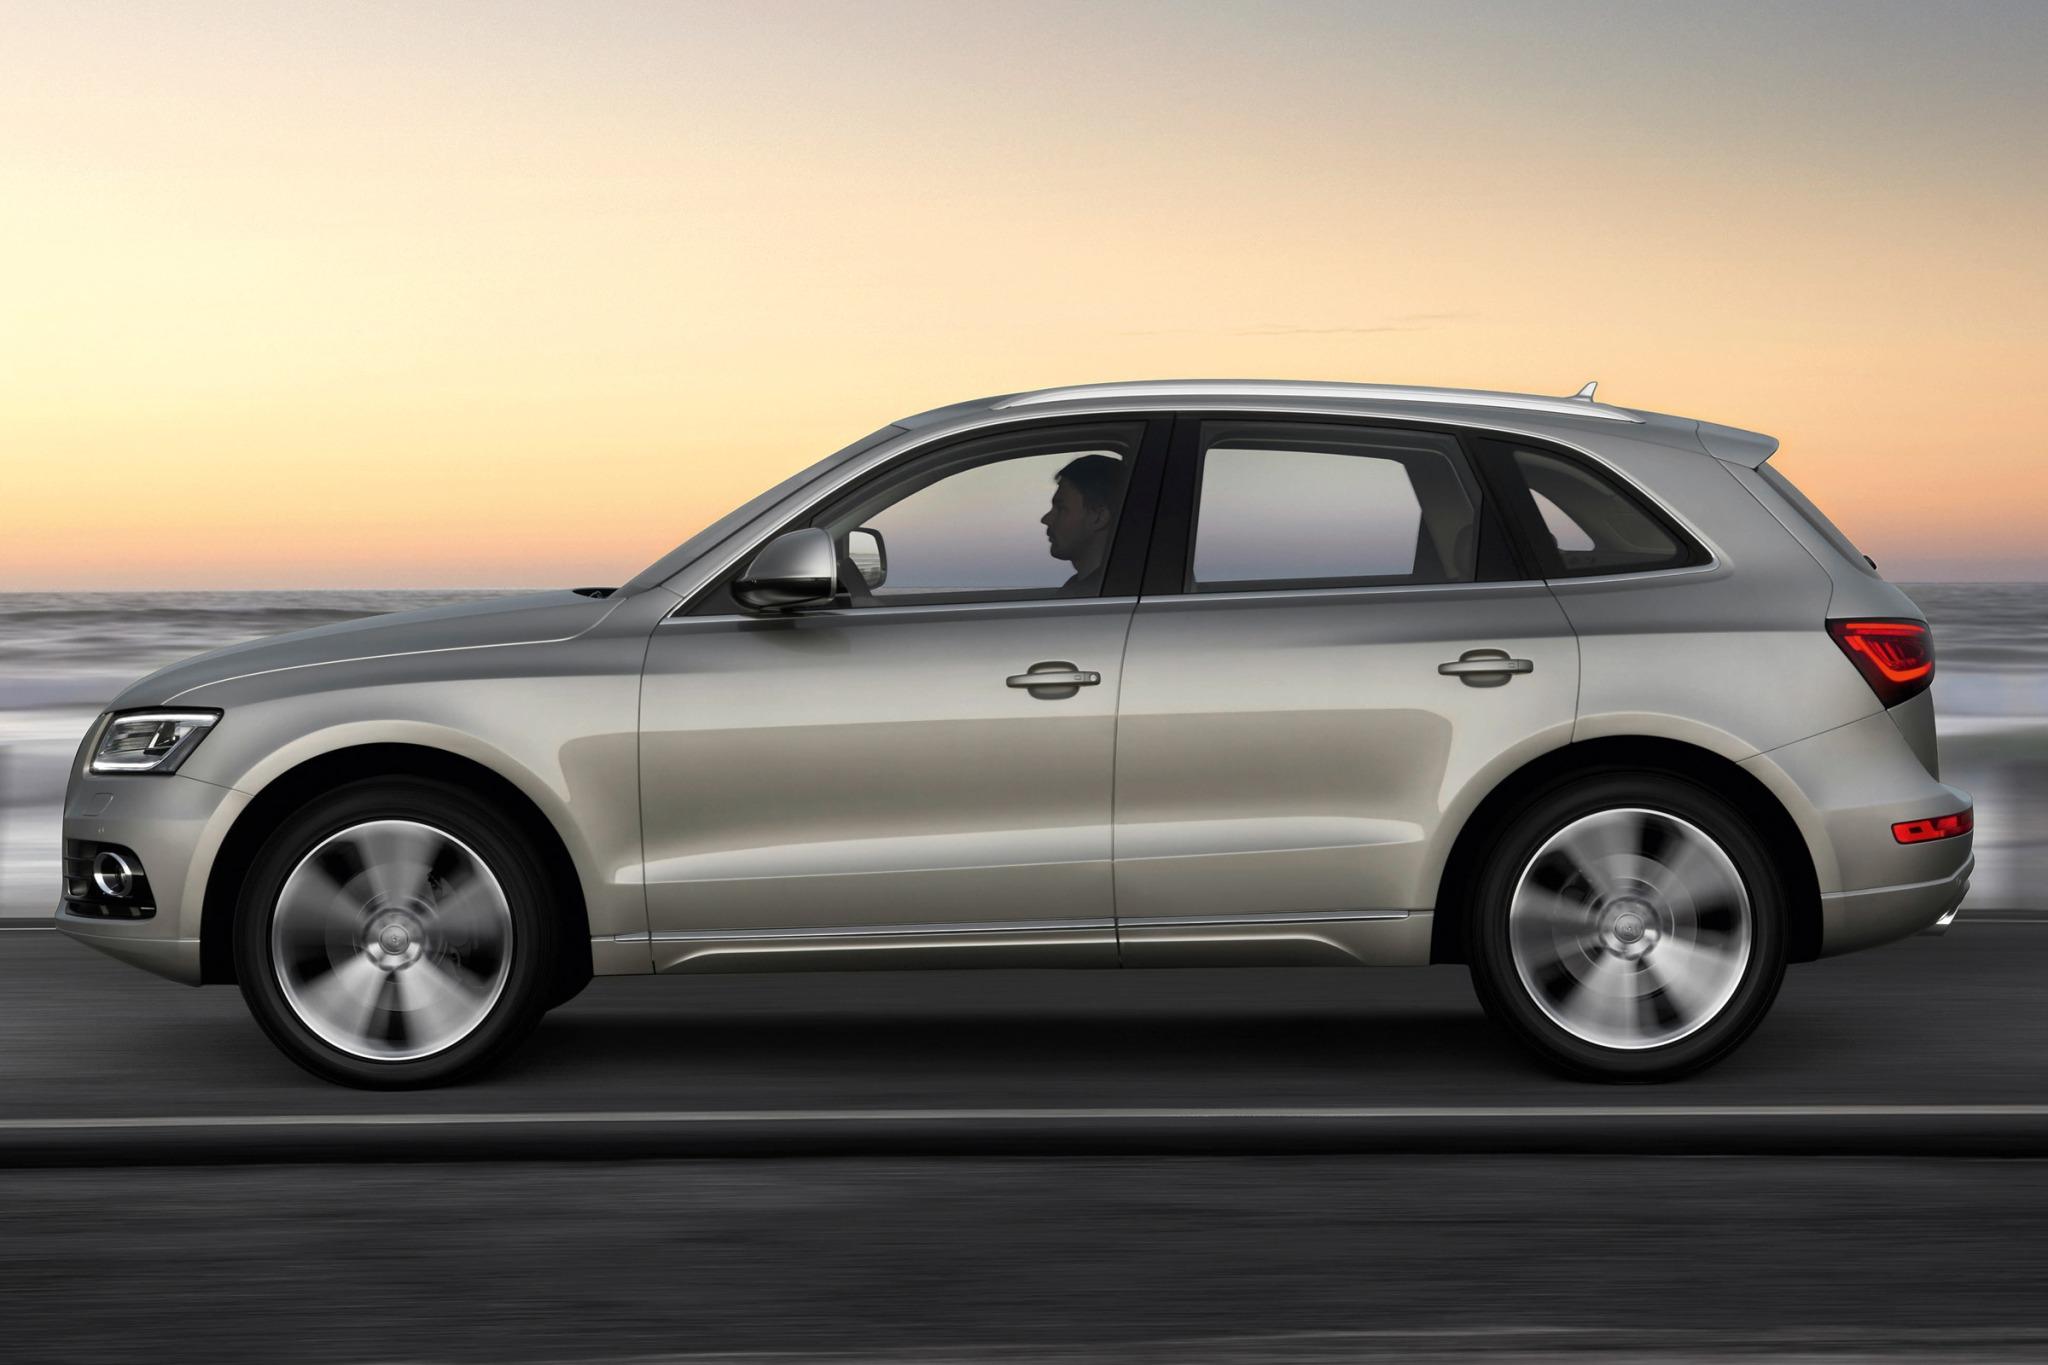 2013 Audi Q5 Image 5